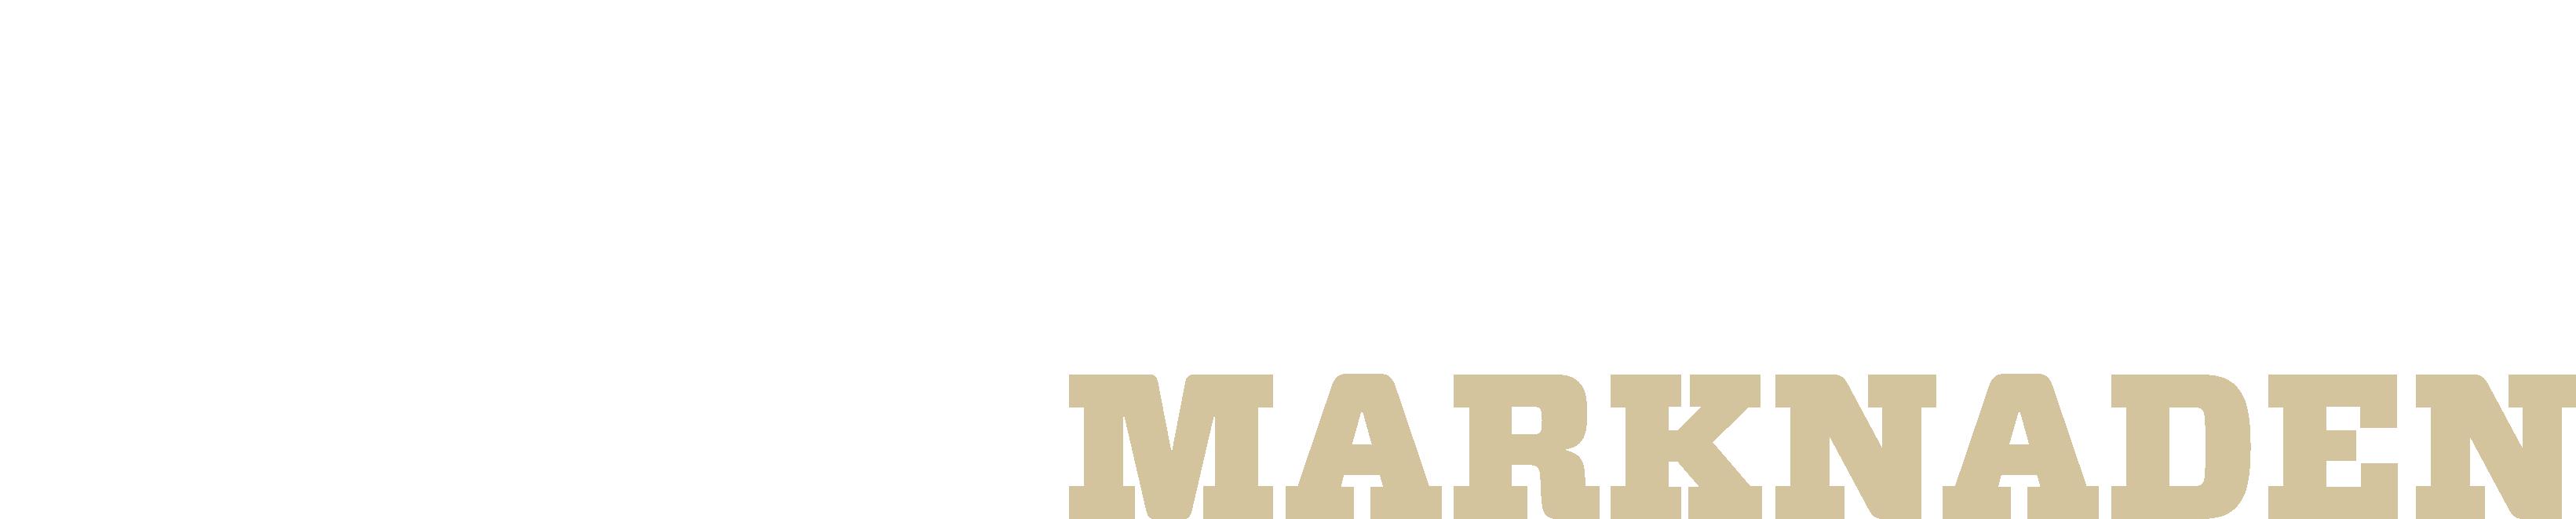 Läkemedelsmarknaden